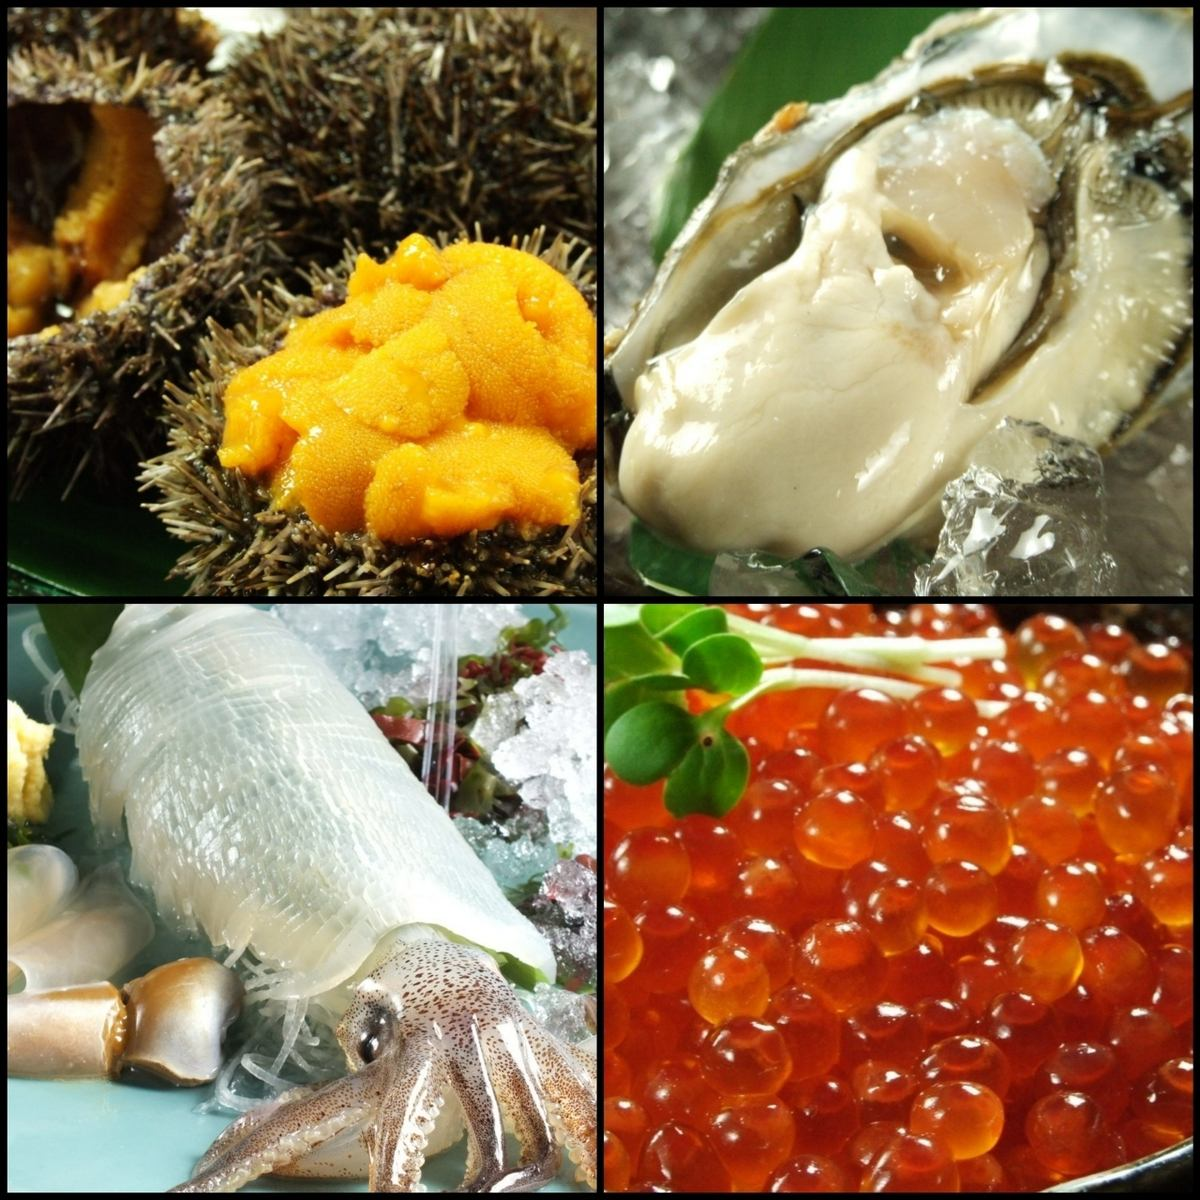 承諾購買!季節性農場的新鮮食材!享受的味道,比如在海灘上的味道!